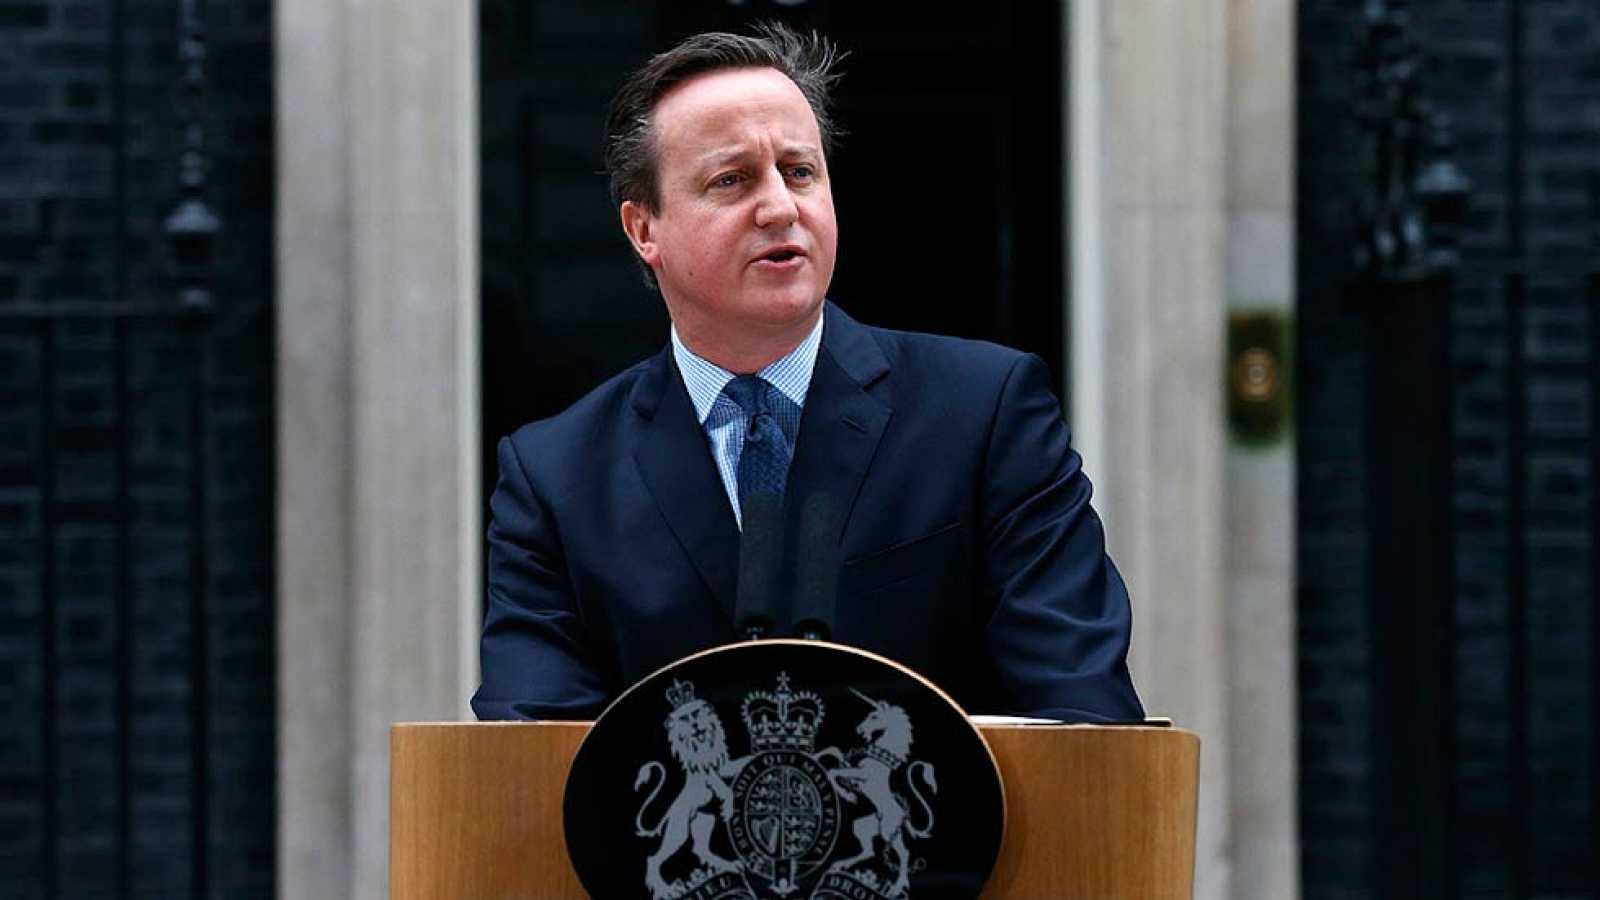 El Reino Unido votará sobre su permanencia en la Unión Europea el 23 de junio